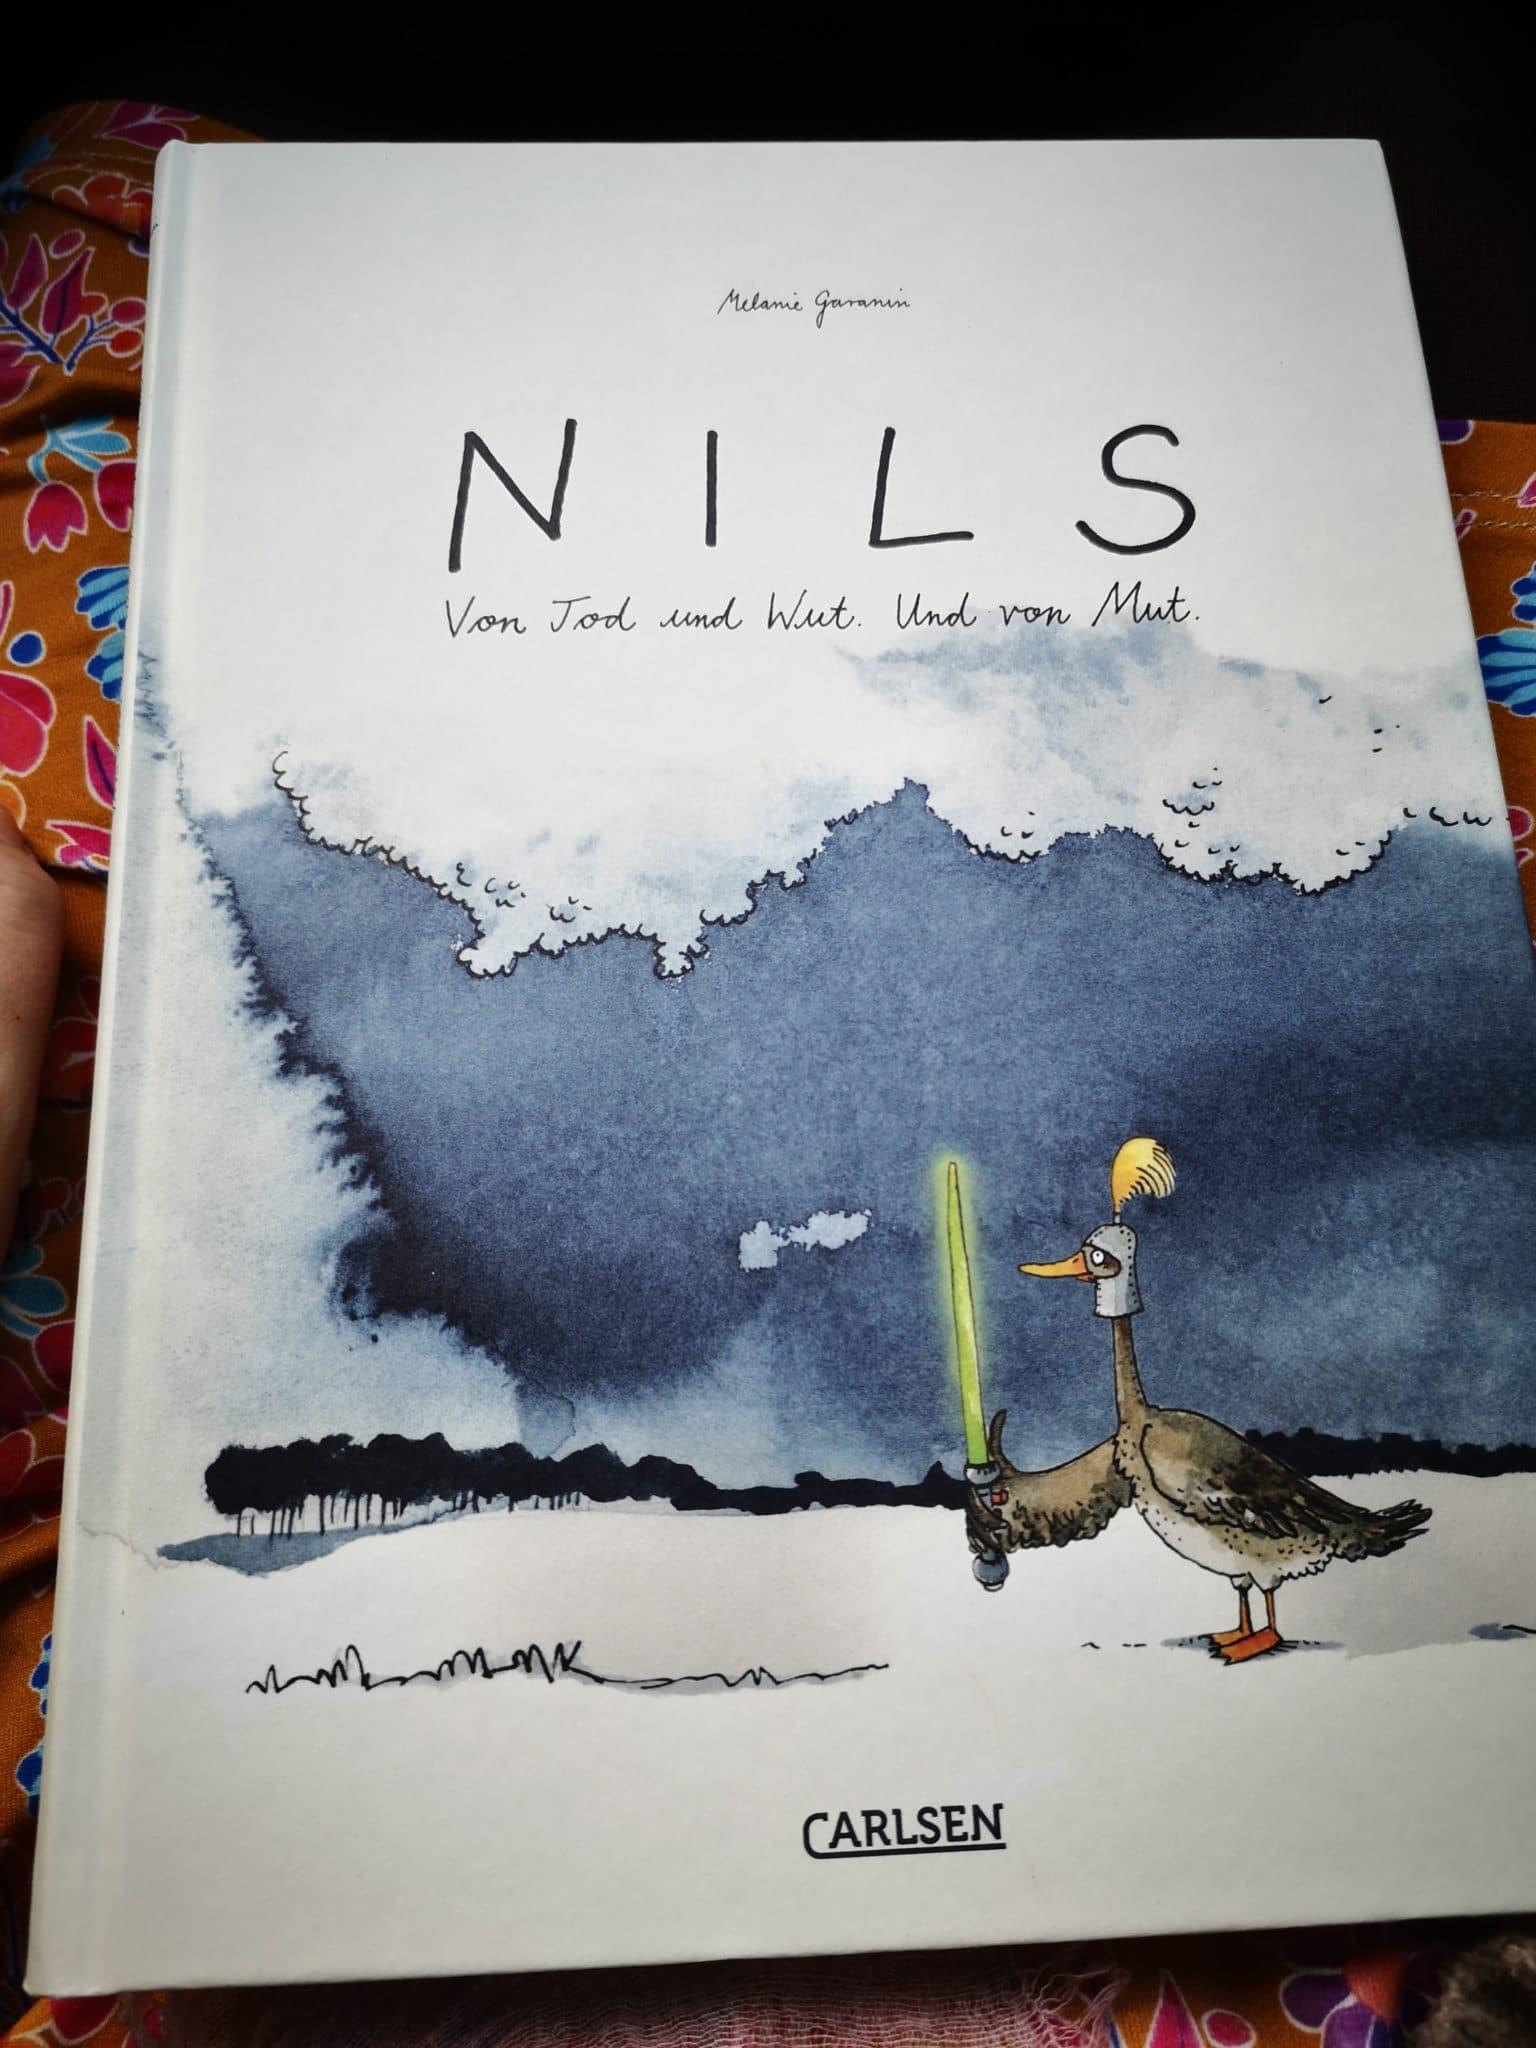 #8 Zum Glück ist alles gut und wir halten am Buchladen um unsere bestellten Bücher abzuholen. U.a. Nils.